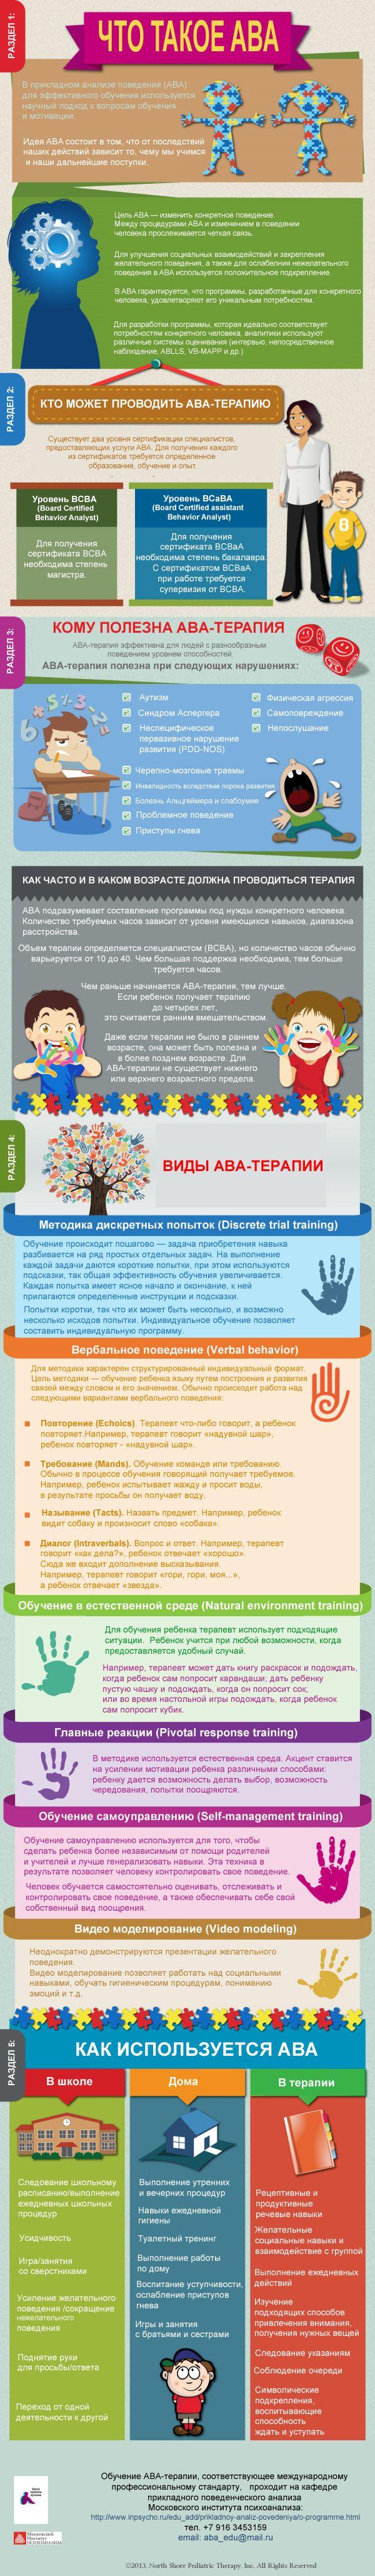 Прикладной анализ поведения - инфографика